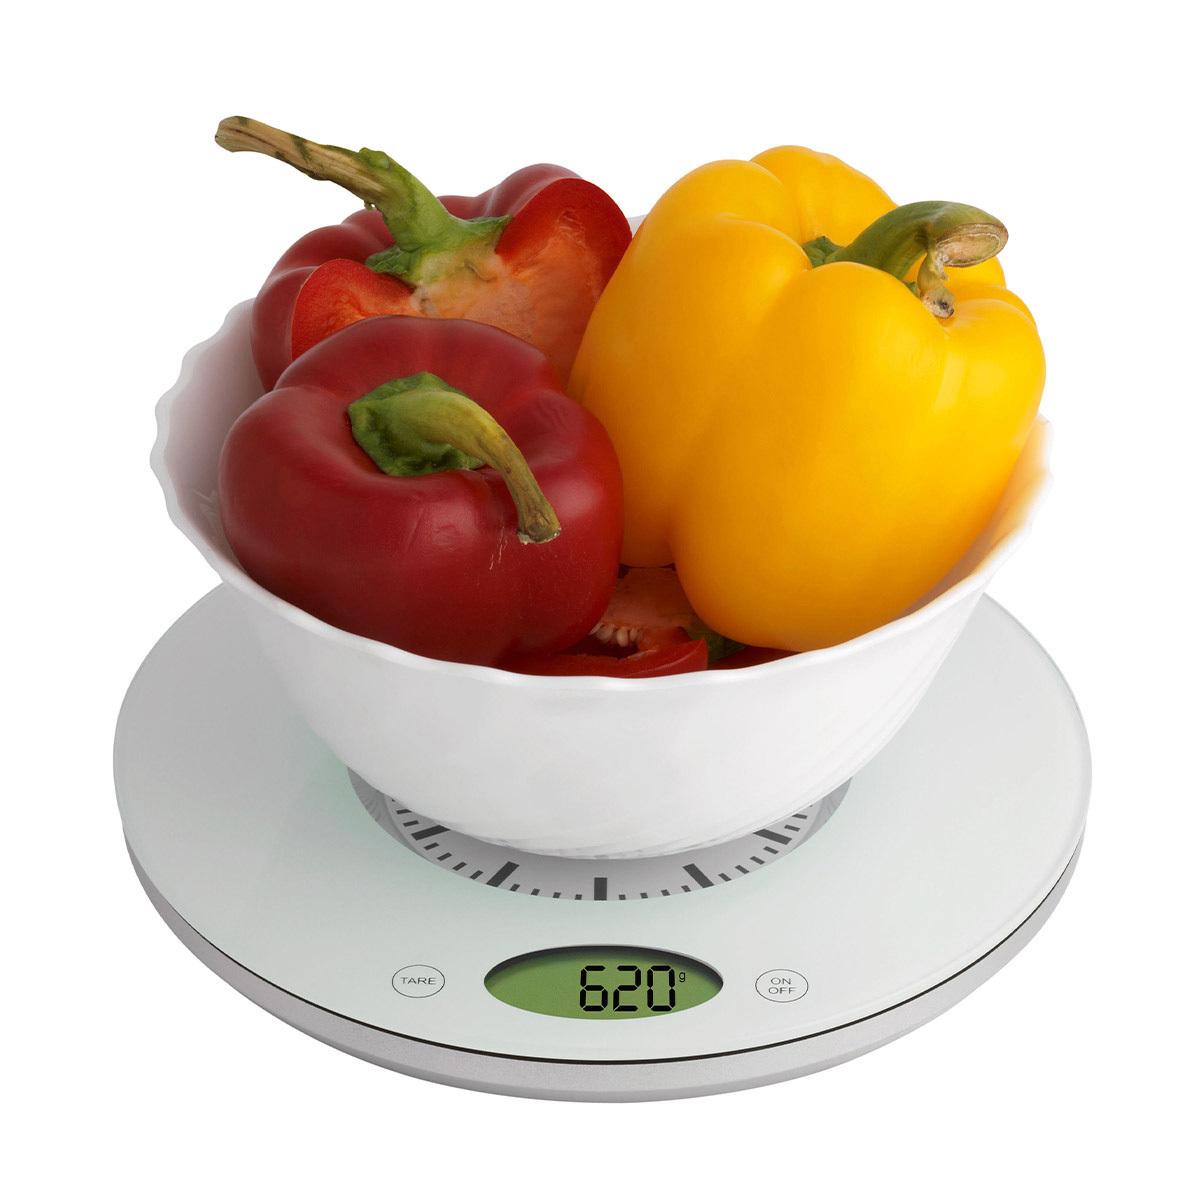 60-3002-digitale-design-küchenwaage-mit-analoger-quarzuhr-anwendung-1200x1200px.jpg